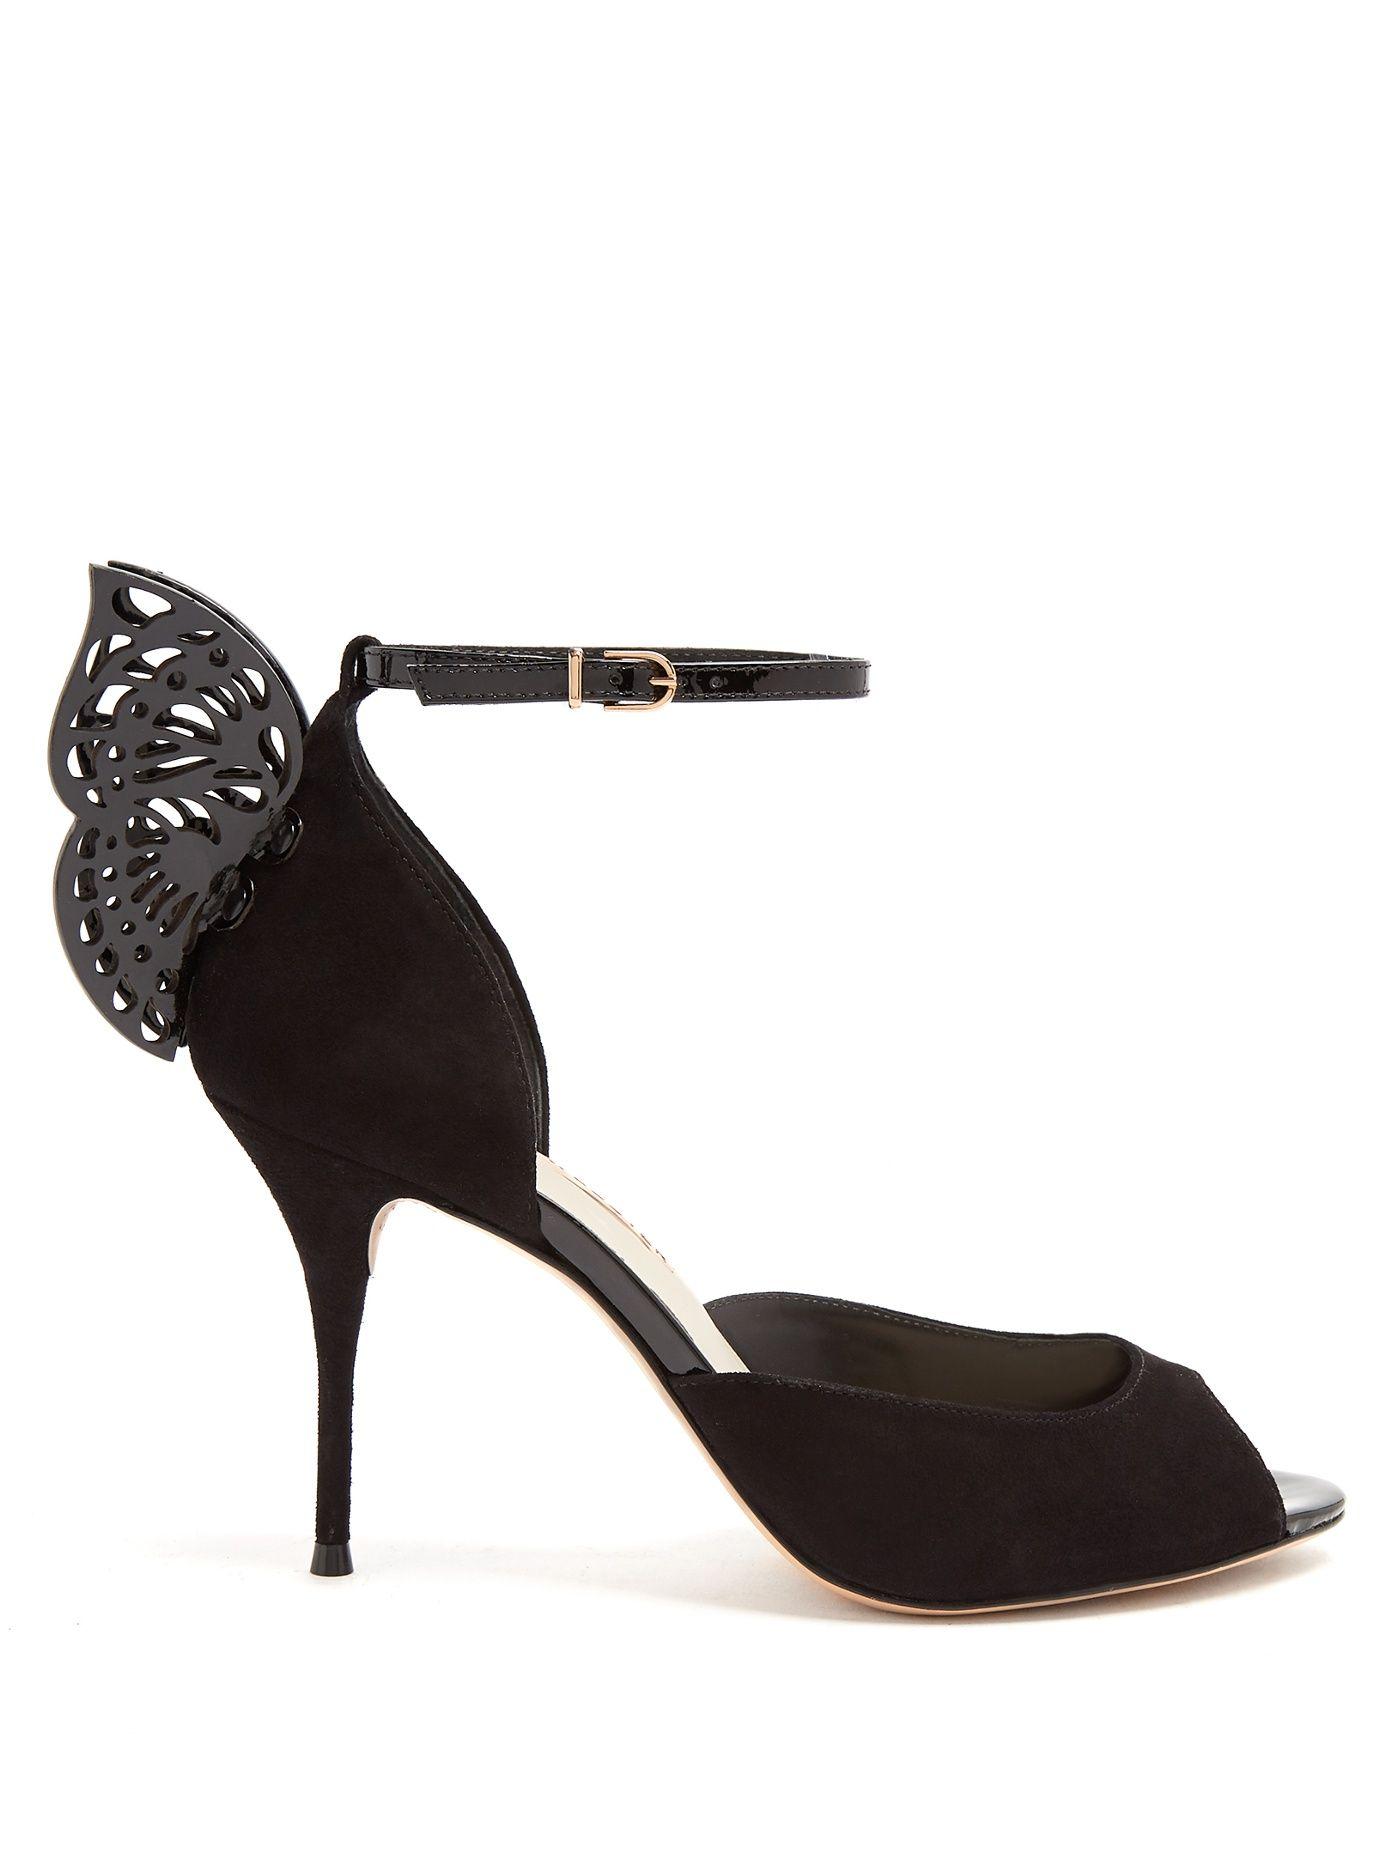 Sophia Webster Flutura Butterfly Sandals outlet great deals rsvdOh9K